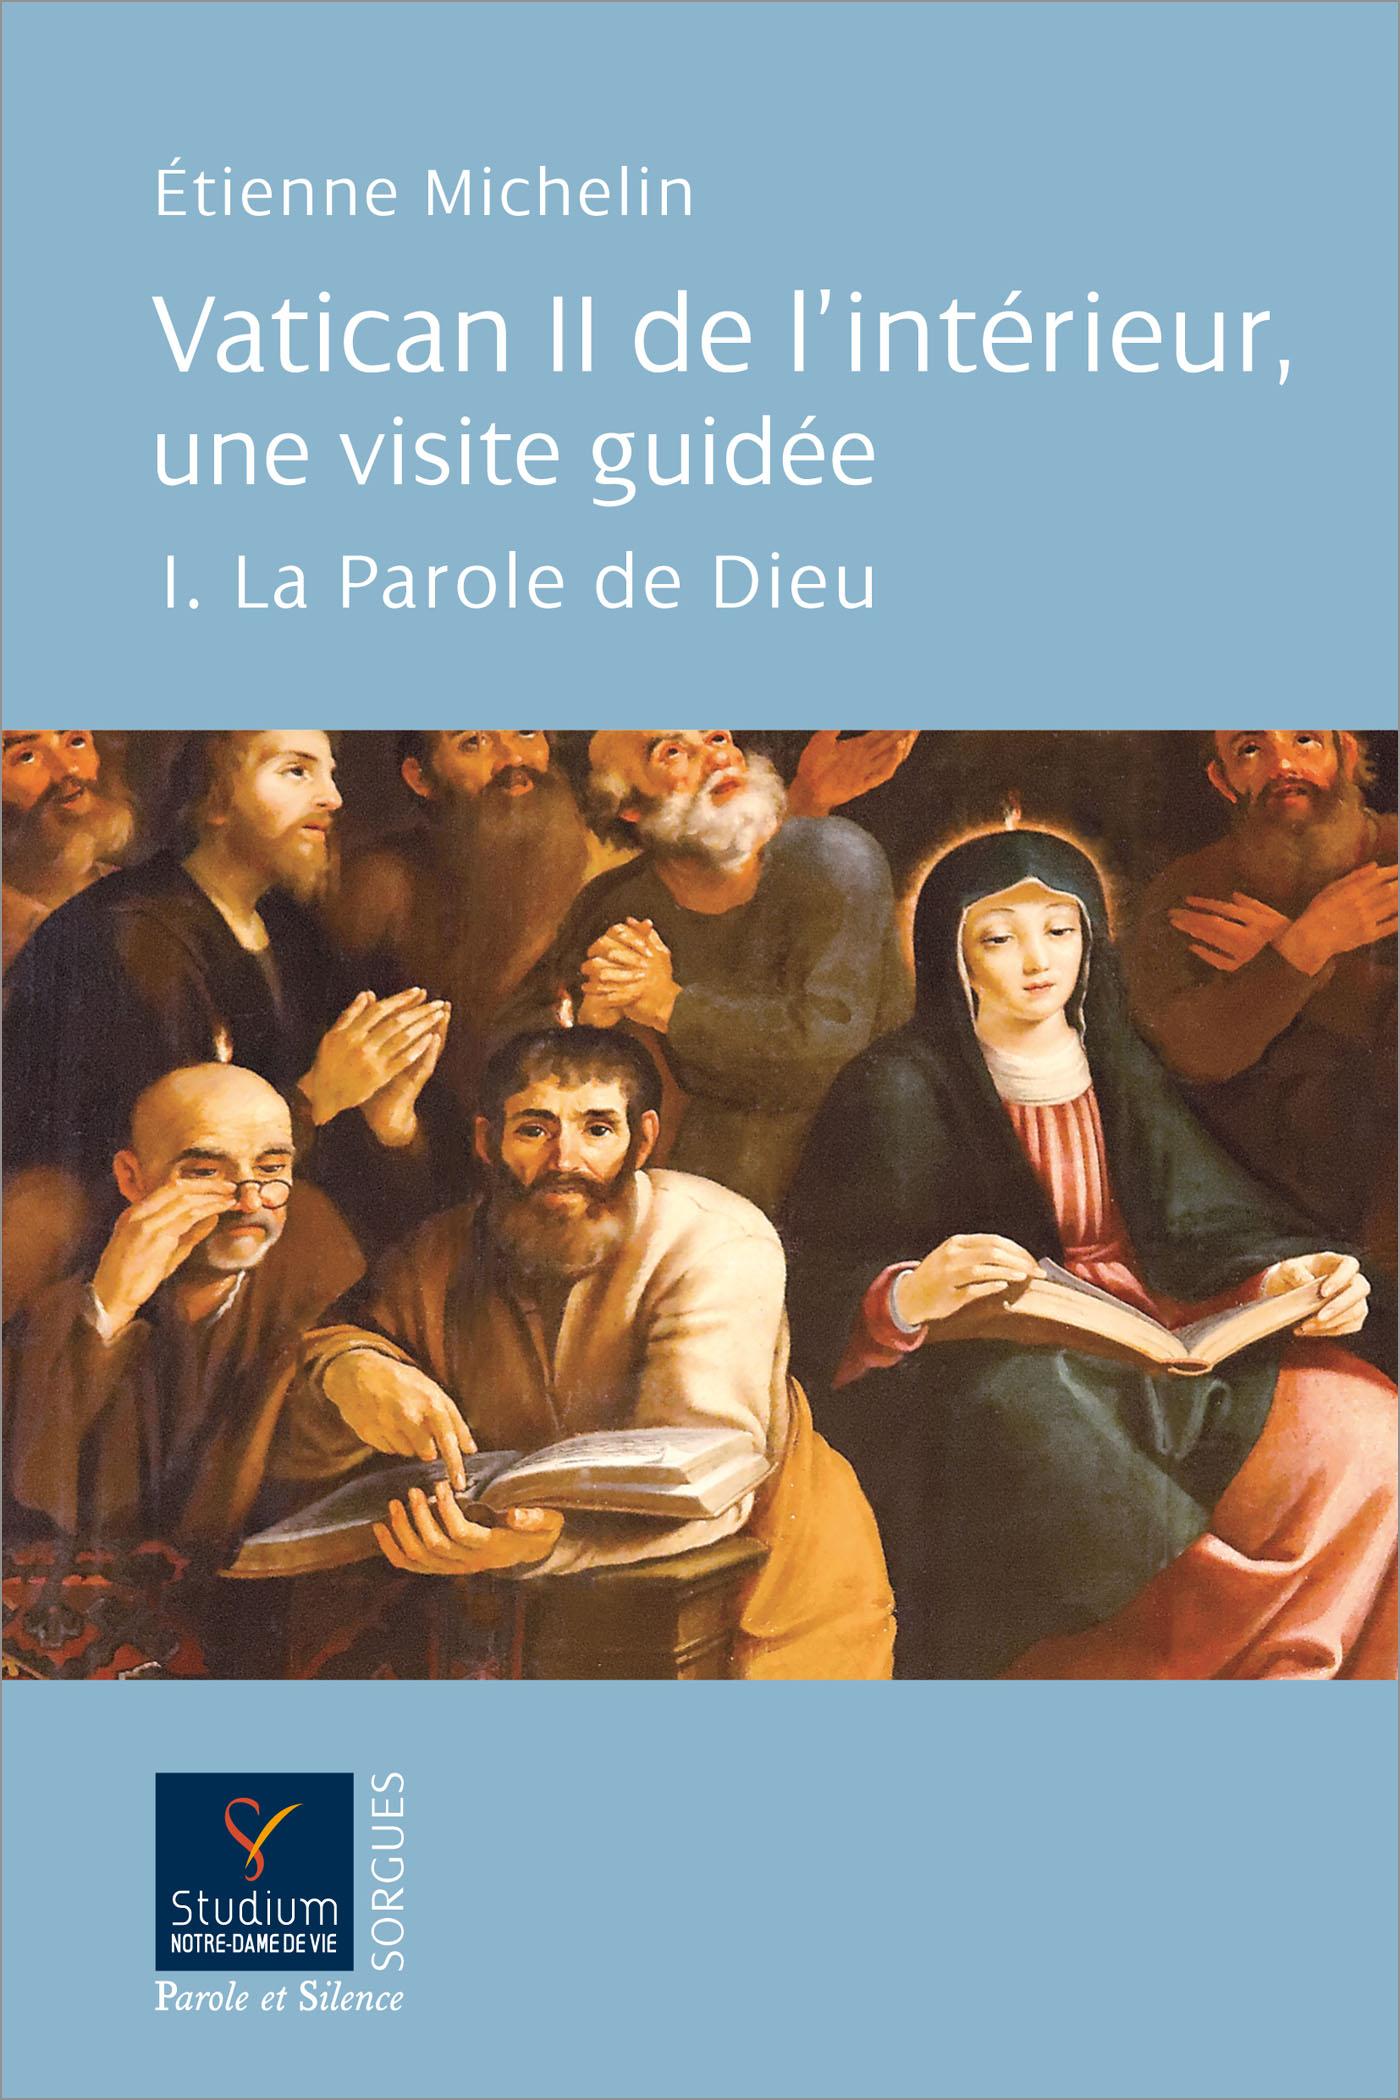 Vatican II de l'intérieur (1)